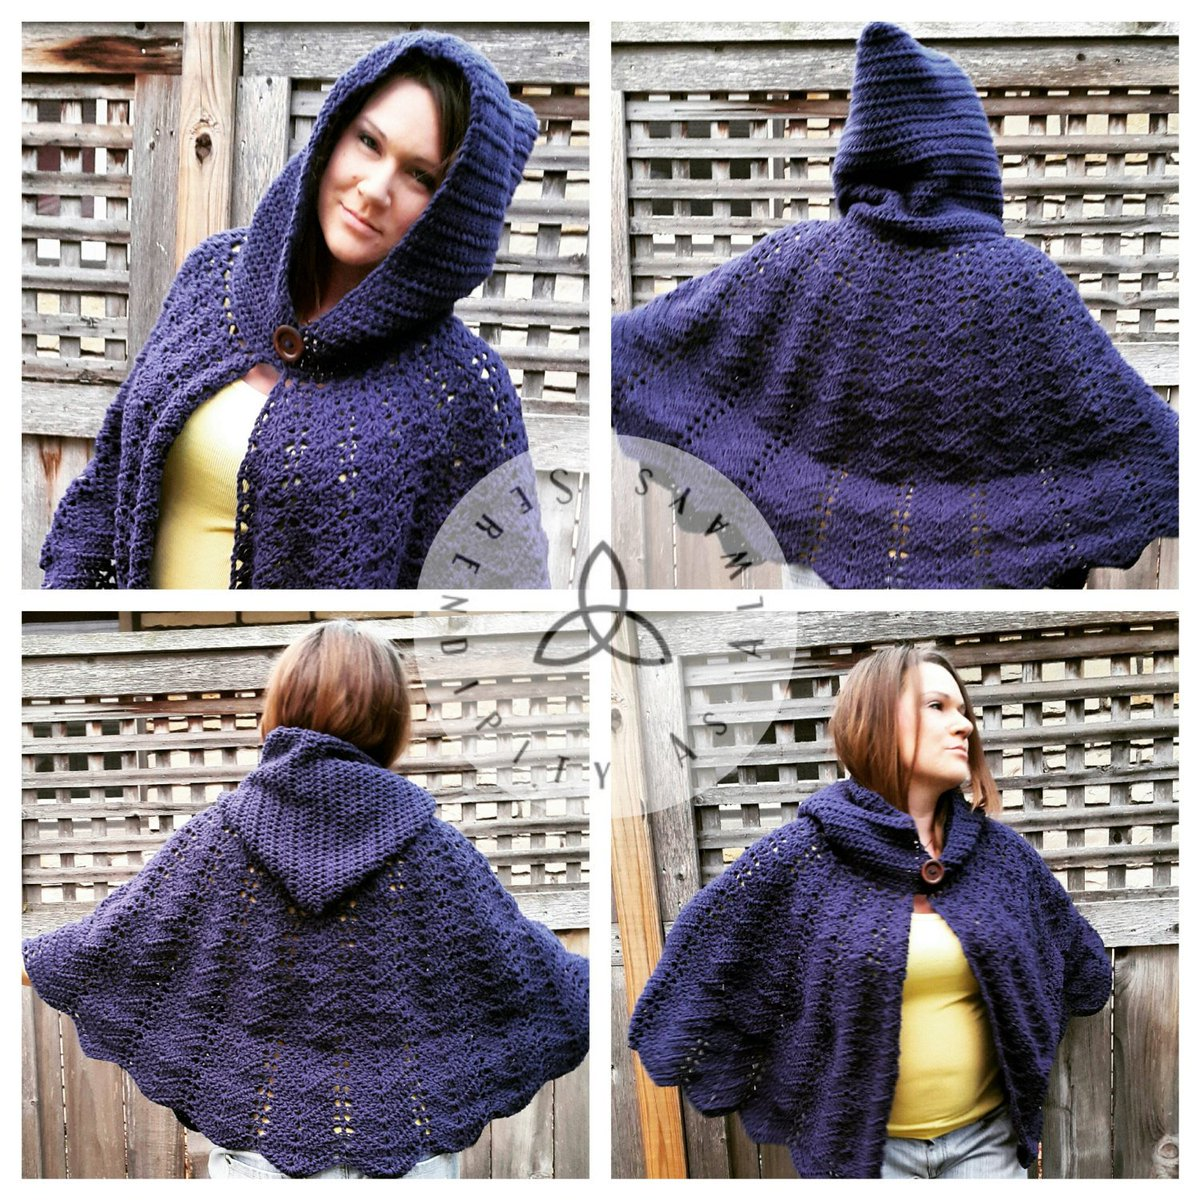 Serendipityasalways On Twitter Easy Crochet Pattern Hooded Cape